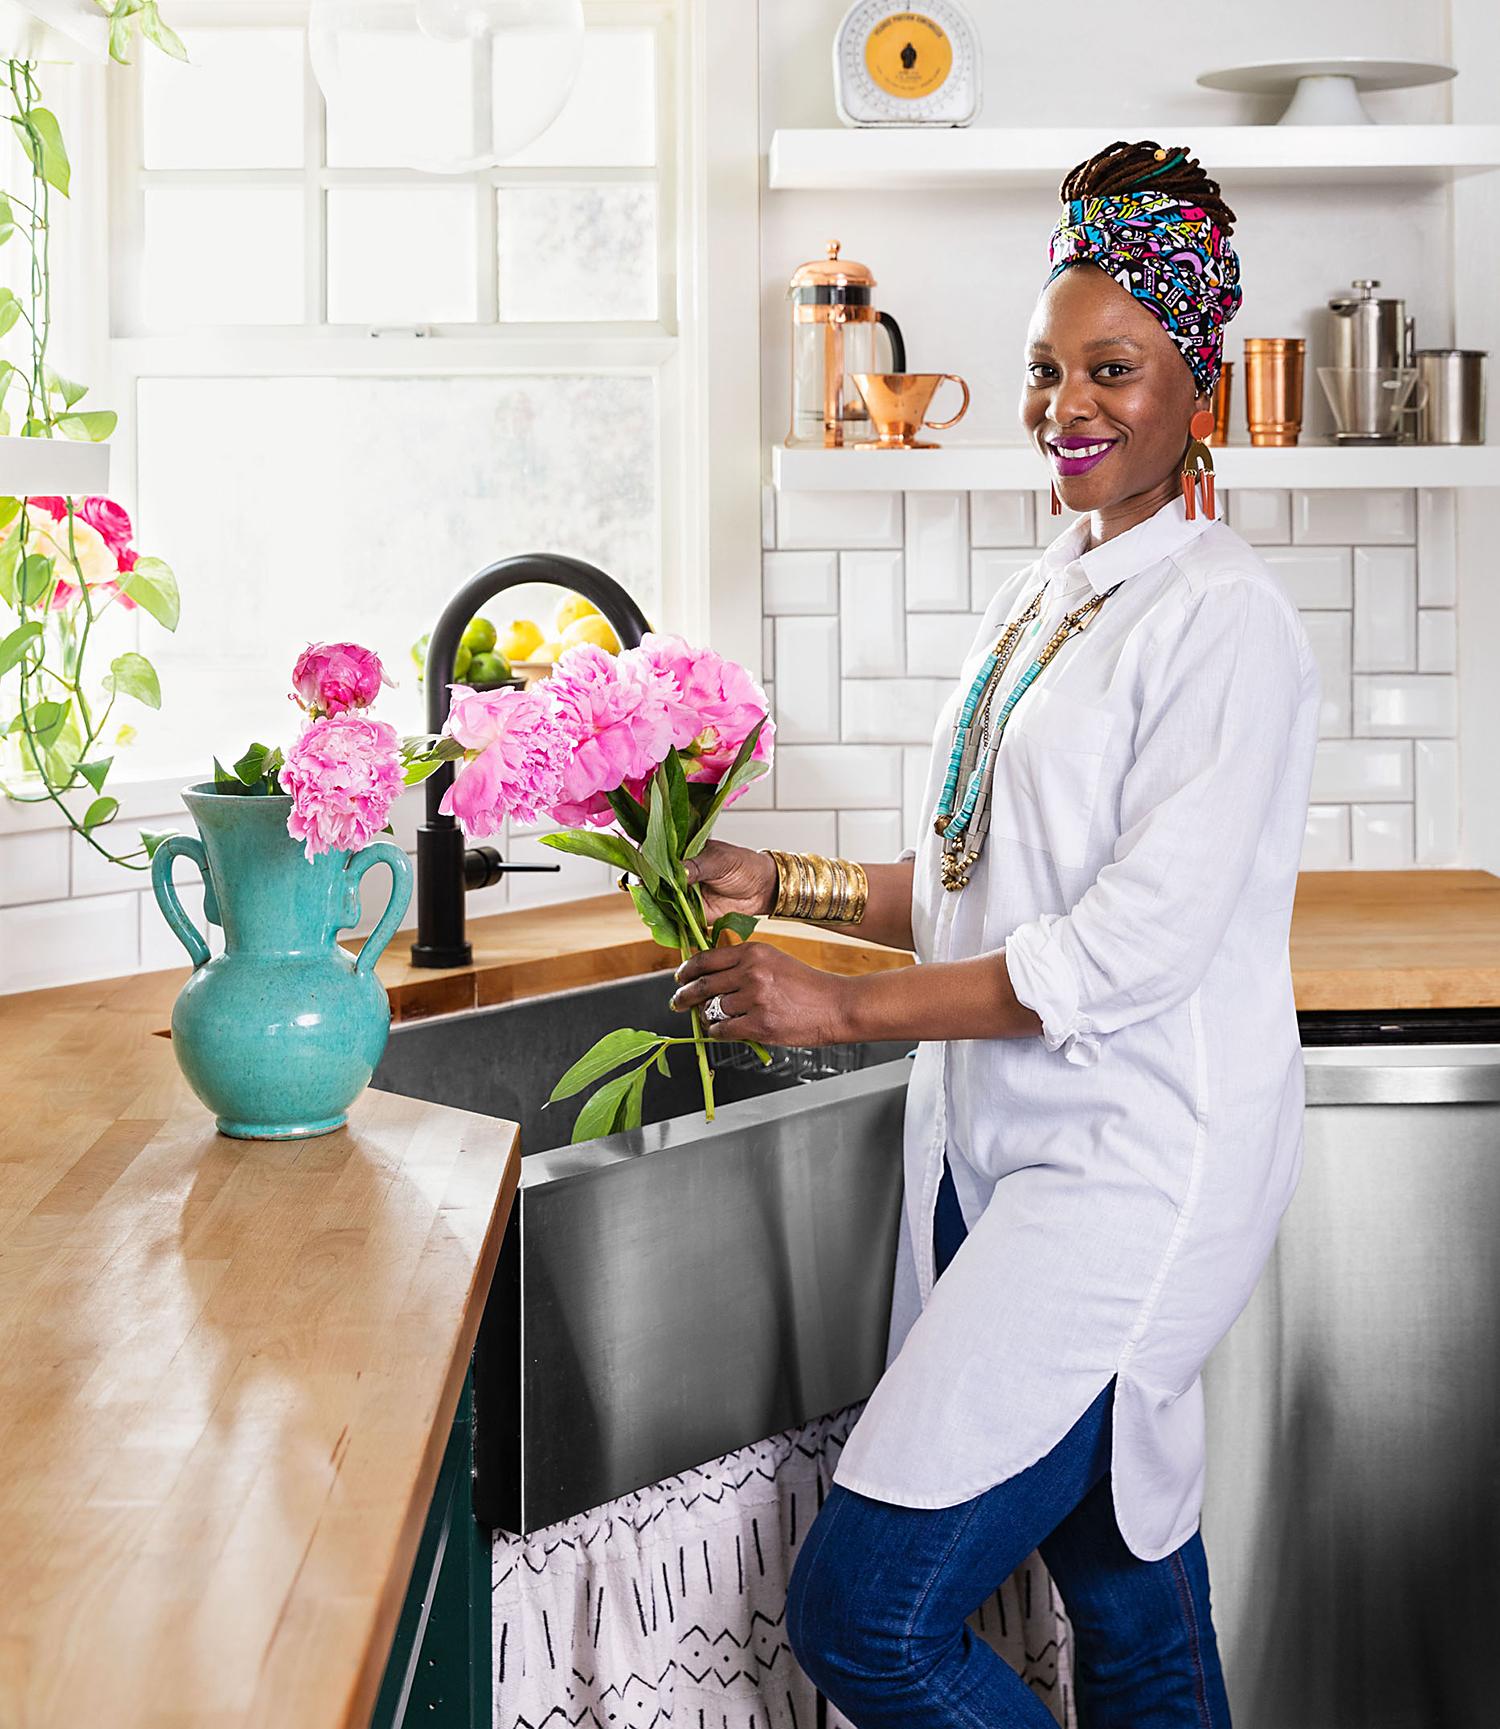 Shavonda Gardner at kitchen sink